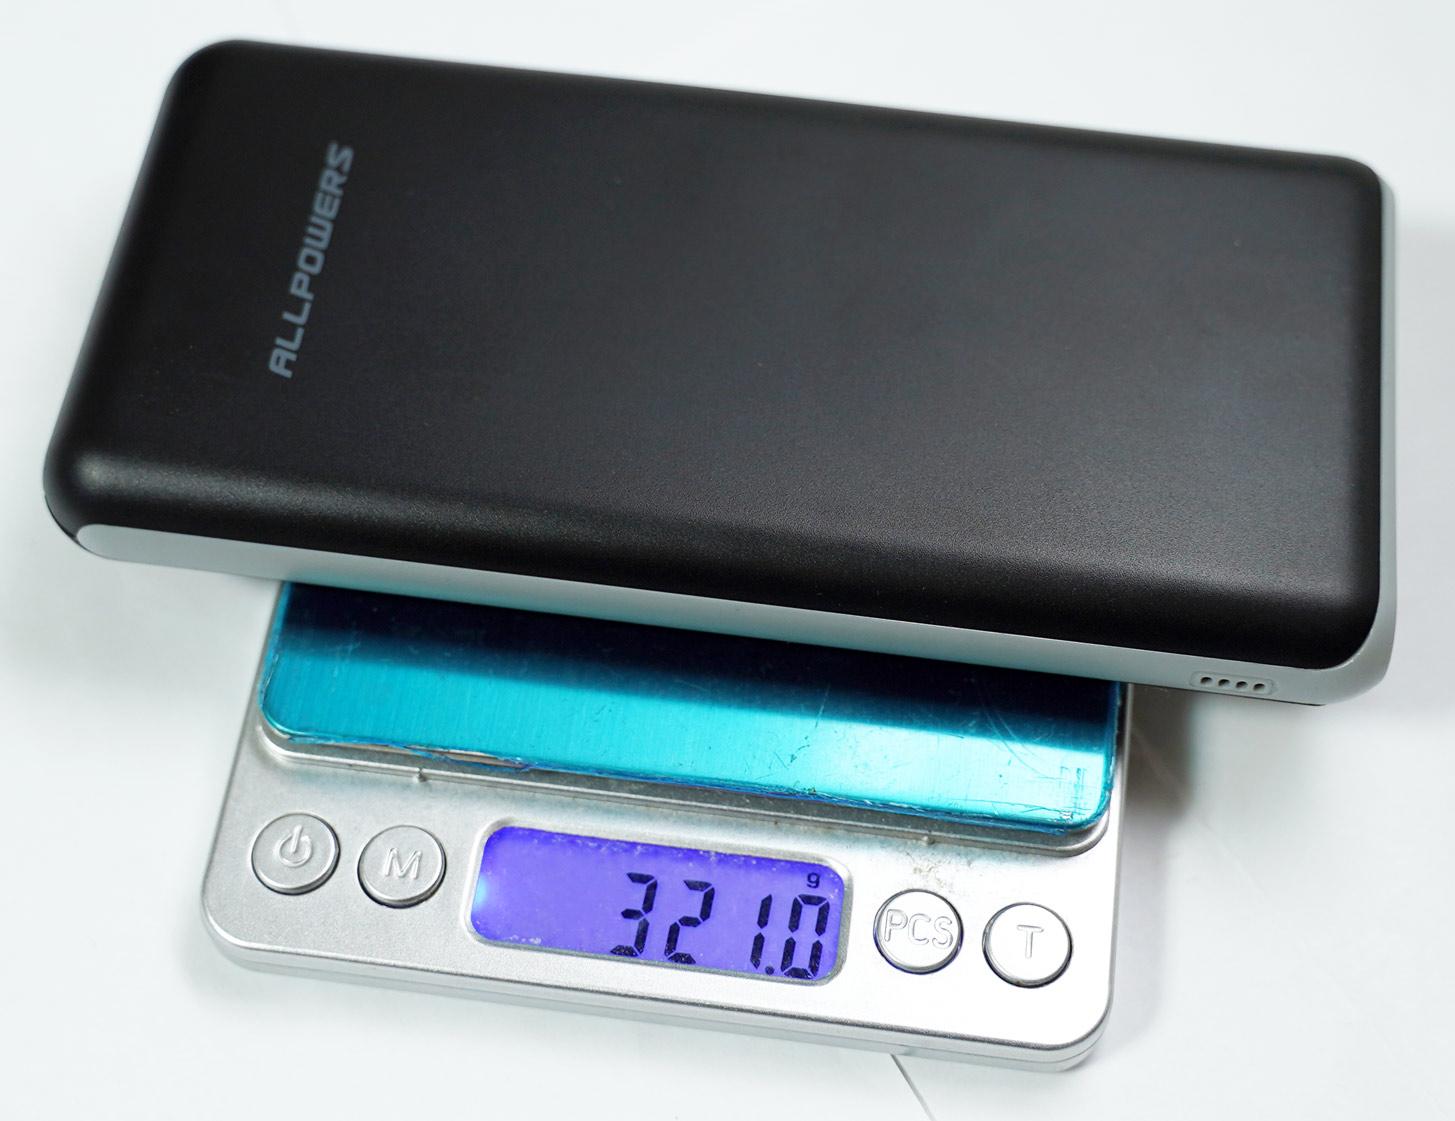 【レビュー】1000円以下の怪しすぎるALLPOWERS モバイルバッテリー 20000mAhを買ってみたぞ。意外と普通のモバイルバッテリー。実測9304mAh。